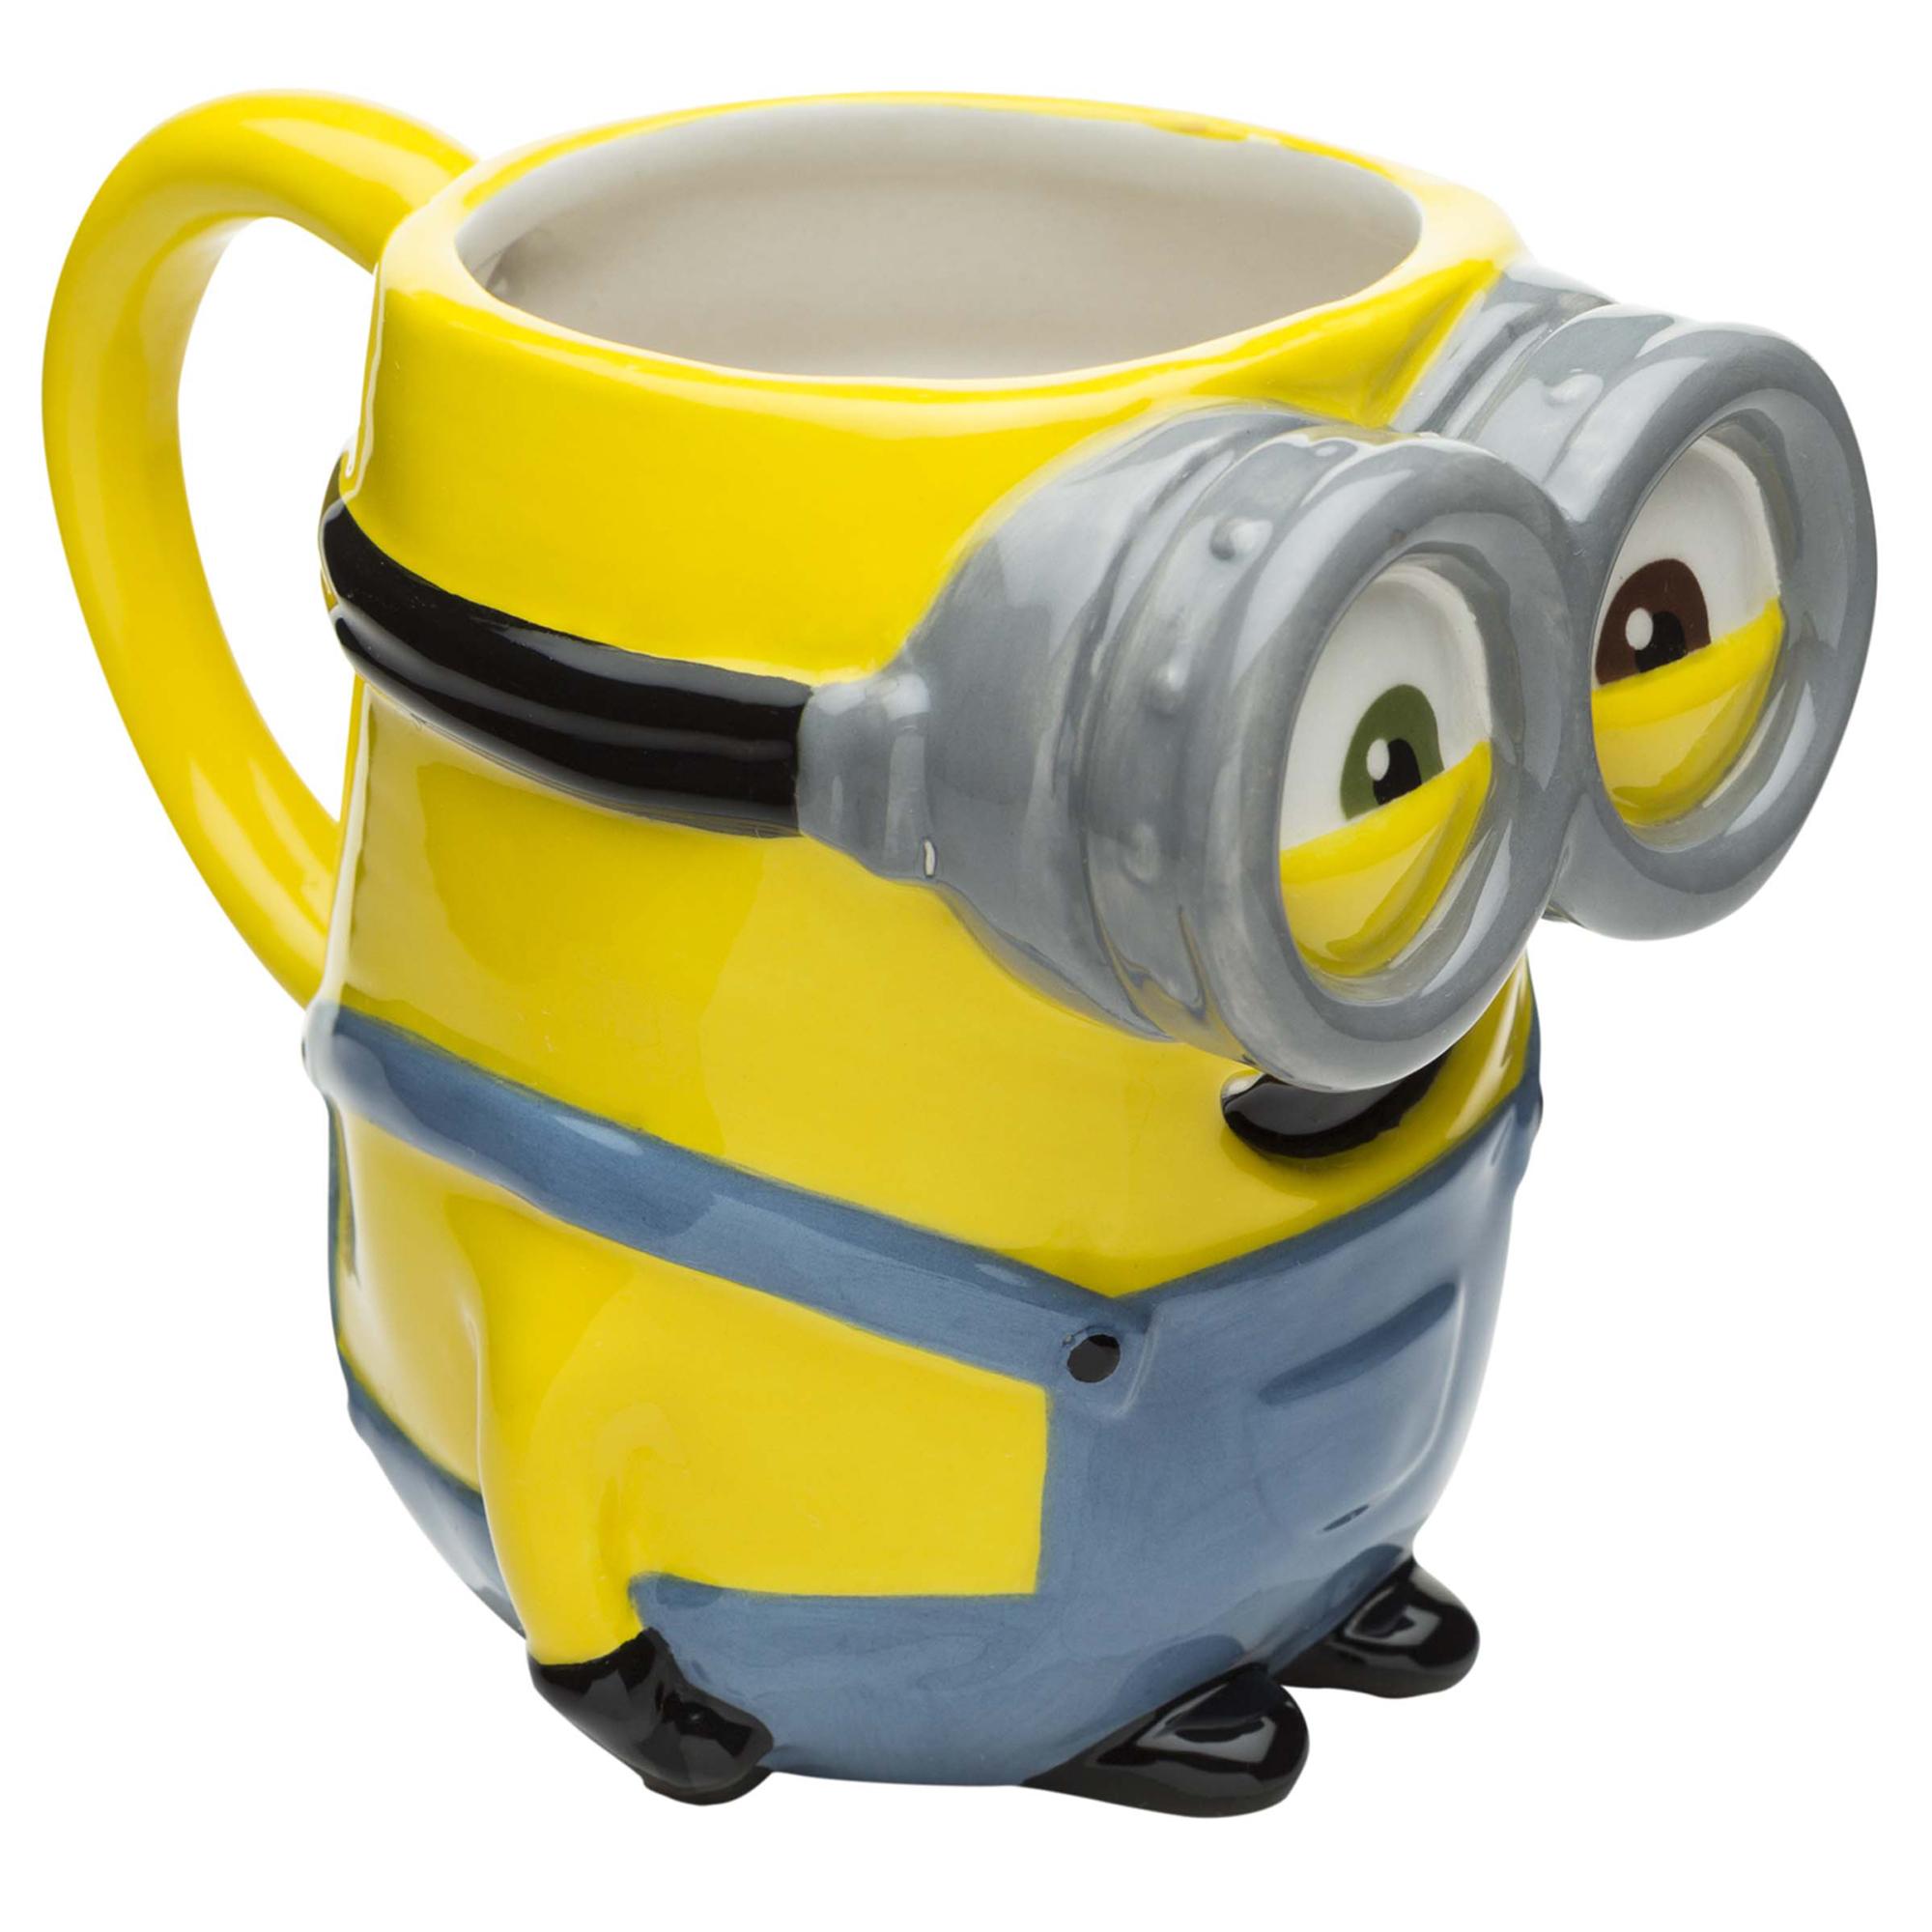 Despicable Me 3 Coffee Mug, Bob the Minion slideshow image 3